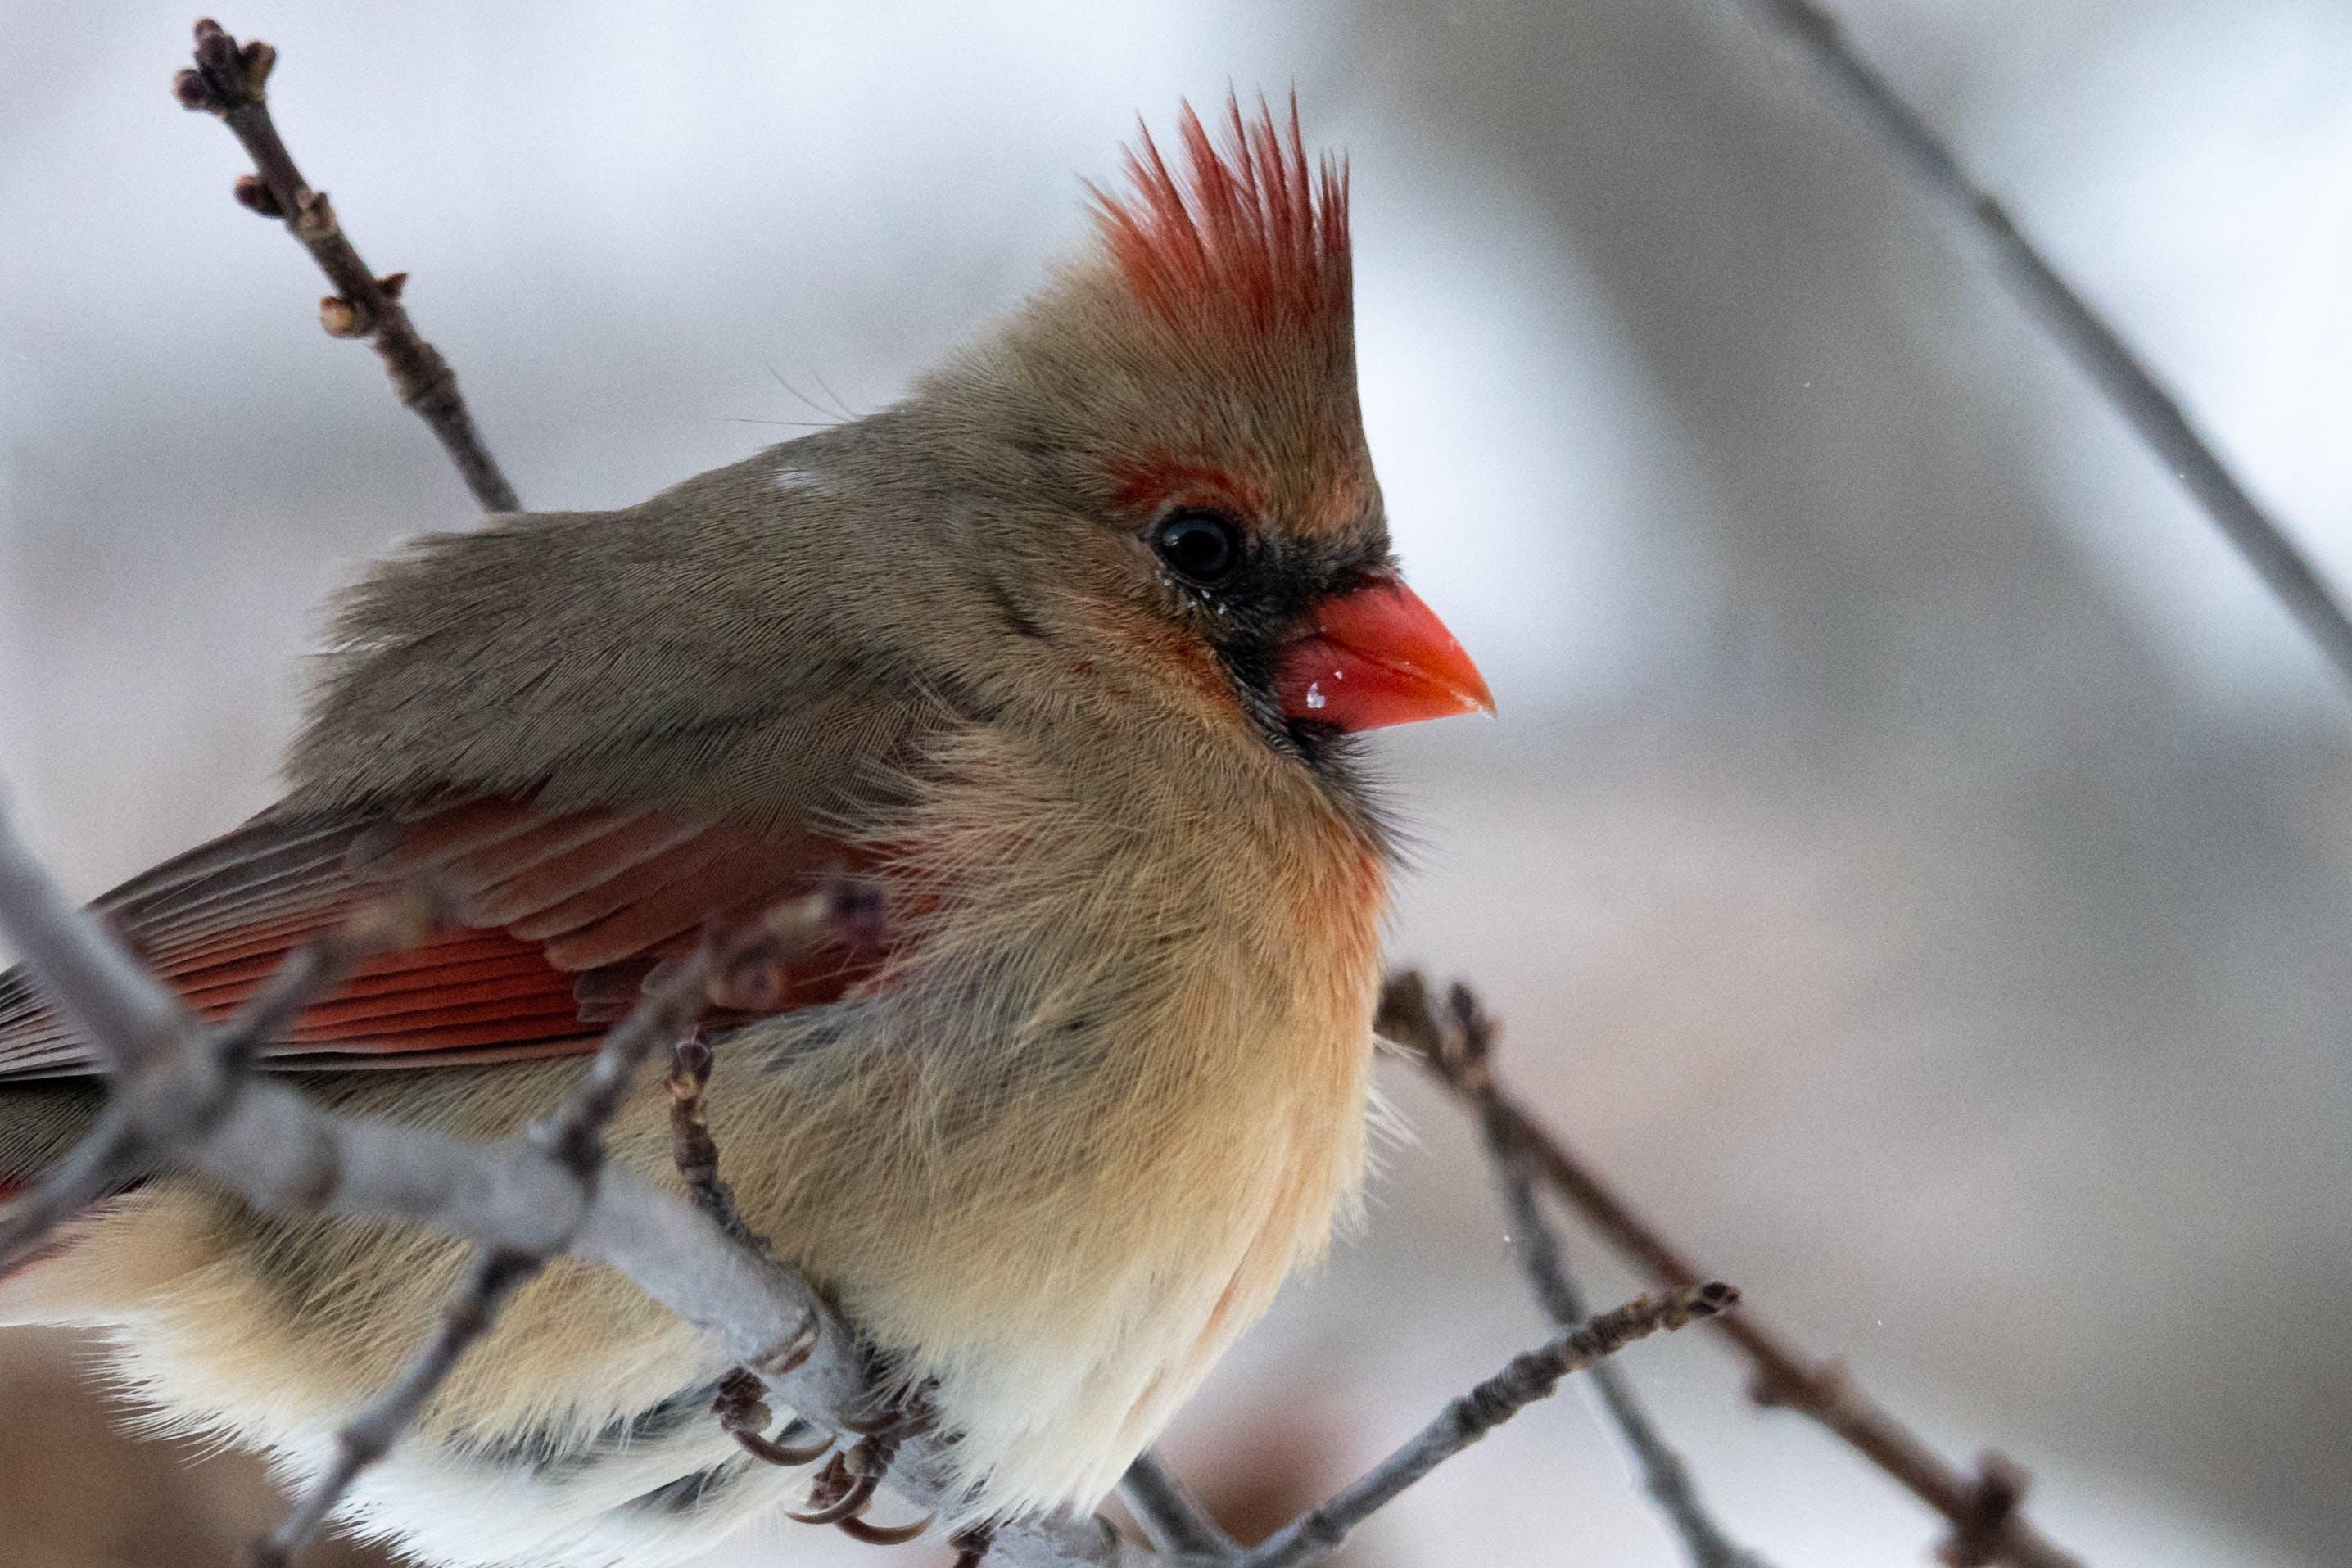 겨울, 깃털, 들새 관찰, 새 모이통의 무료 스톡 사진